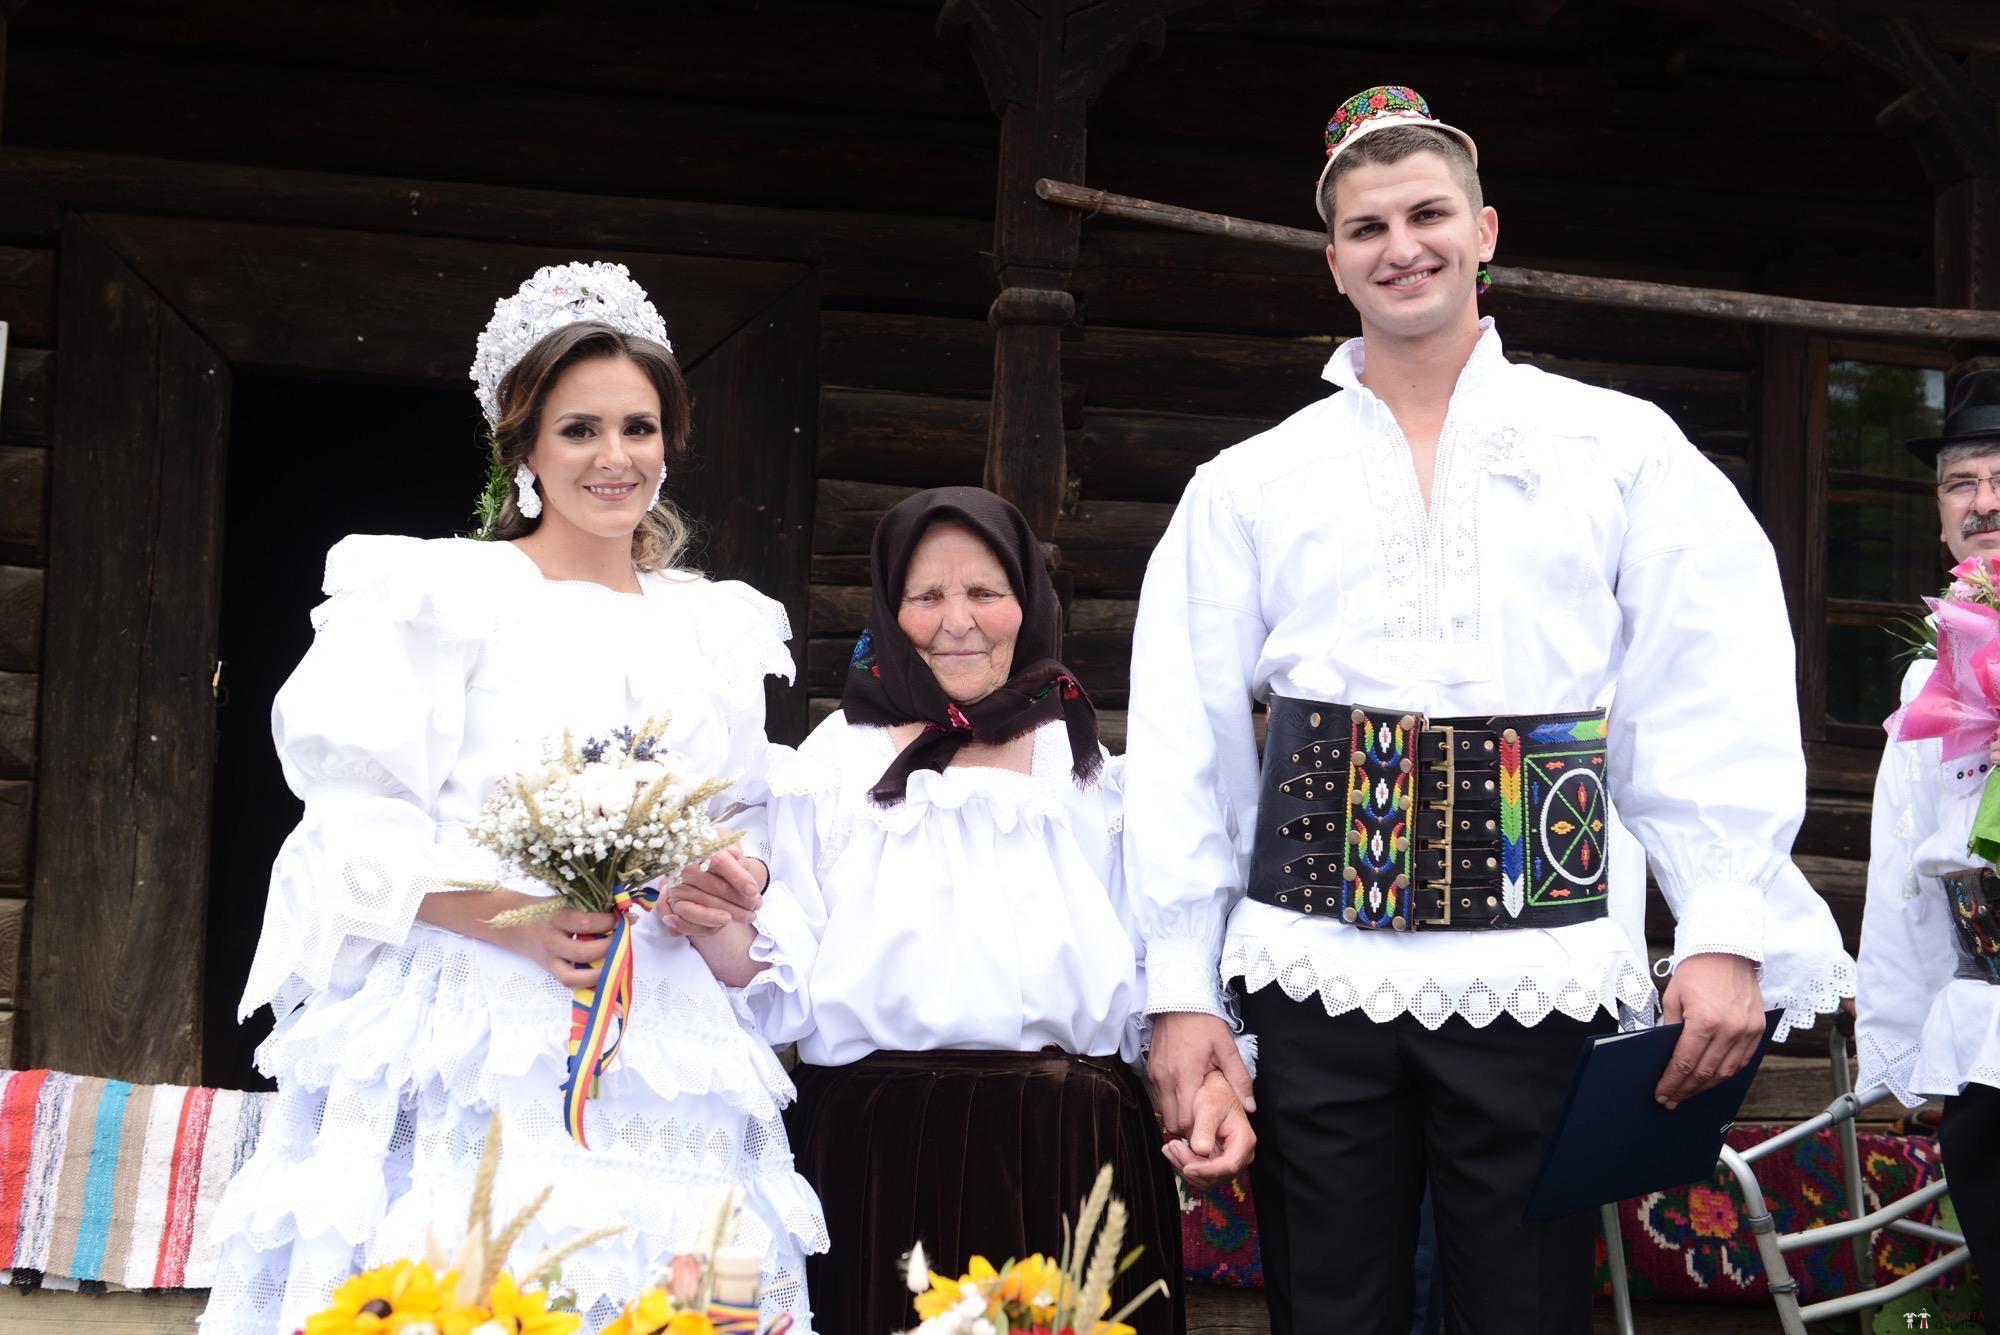 Povești Nunți Tradiționale - Florentina Vlad și Lemnean Ionuț. Cununie tradițională în Baia Mare 21